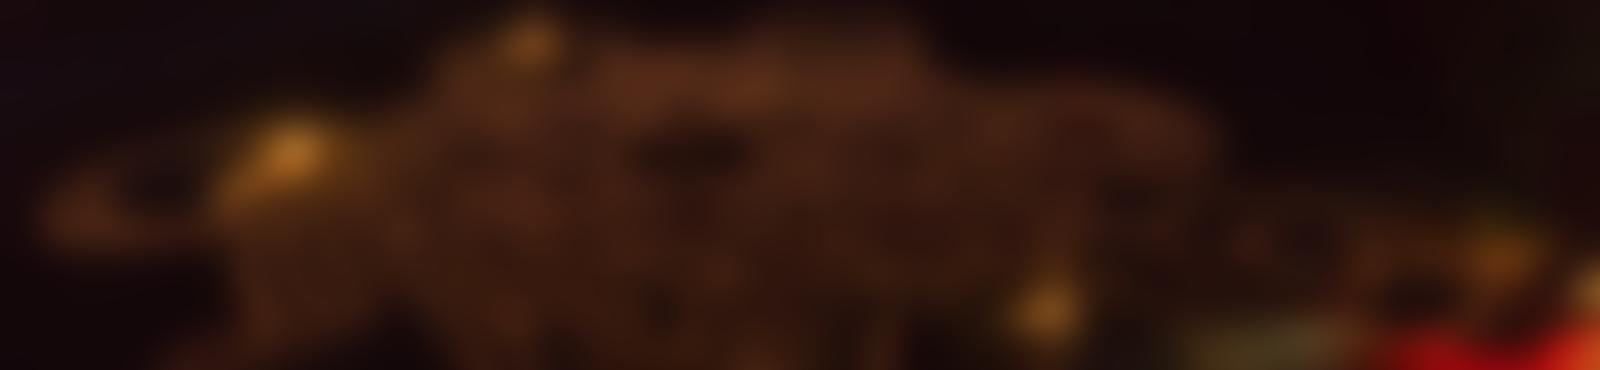 Blurred ced9346d 3903 4f9d 96a2 fab8b5b3aded